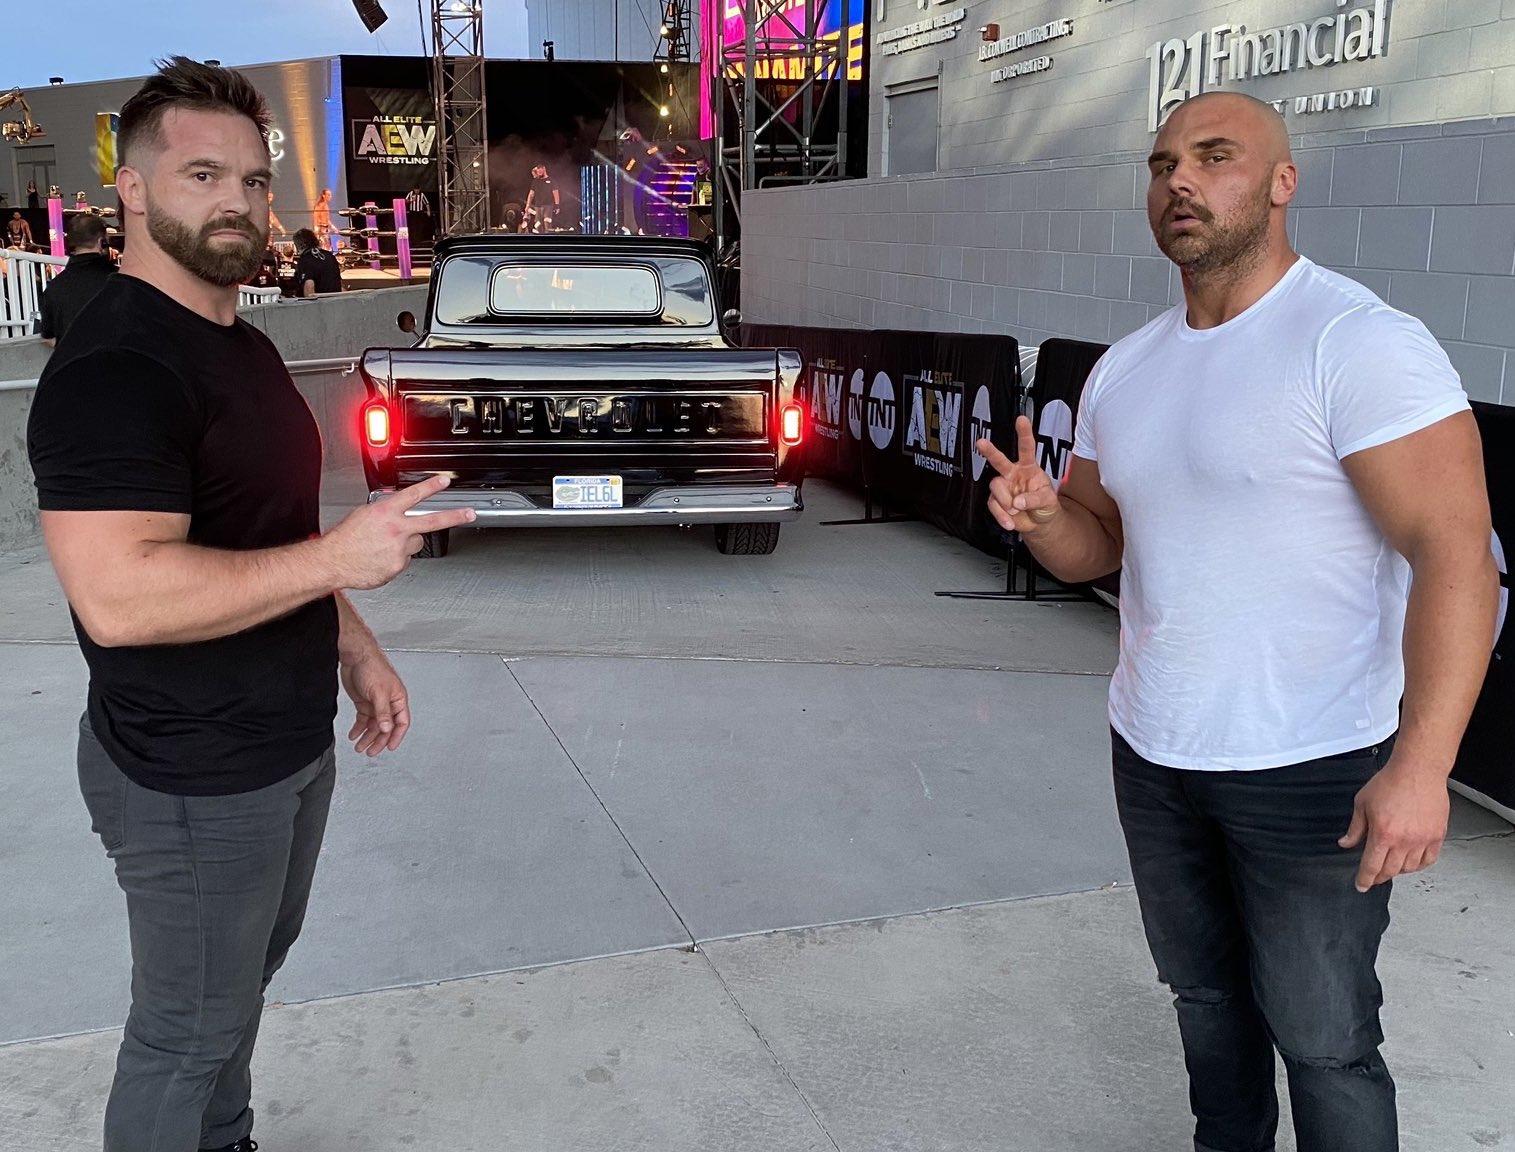 FTR criticarán a WWE en AEW Dynamite? Cash Wheeler responde a un aficionado | | Superluchas